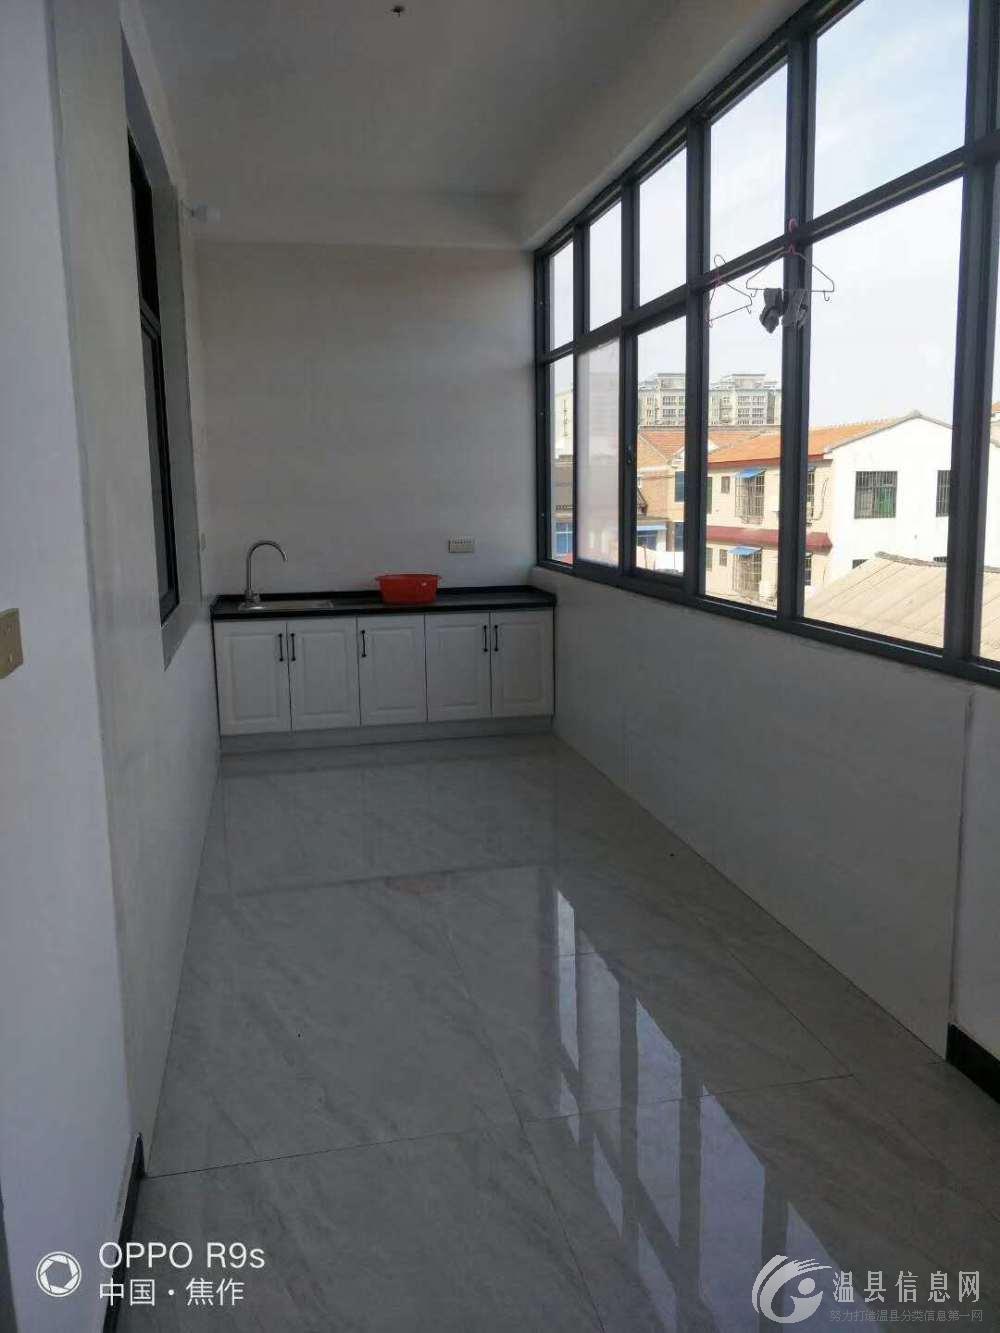 金太极附近现有两室一厅,单间,厨房,卫生间,家具齐全,可拎包